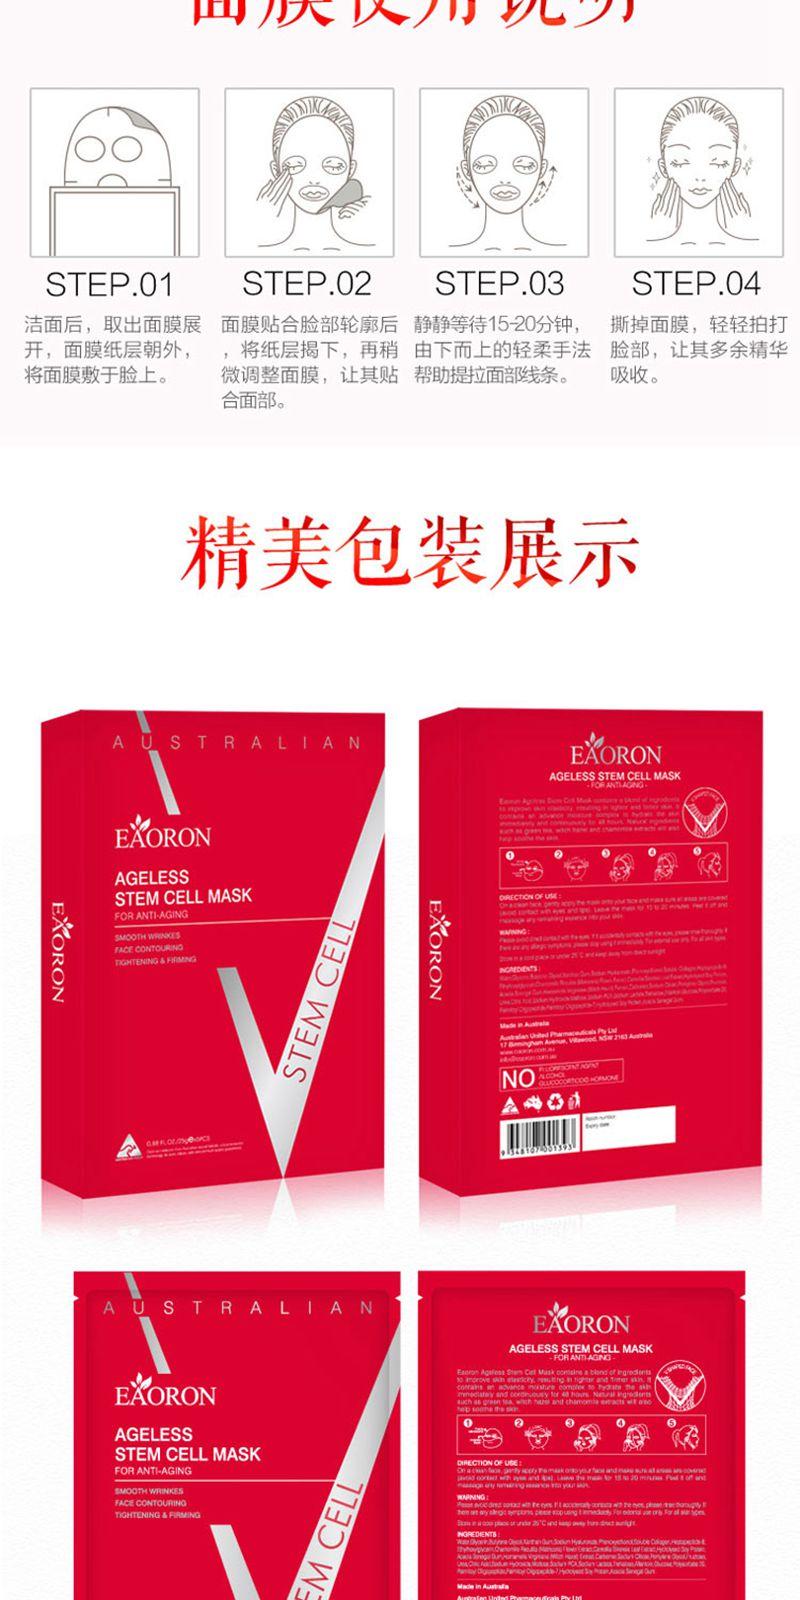 EAORON微雕V脸面膜补水提拉紧致平纹亮肤红膜5片 使用方法